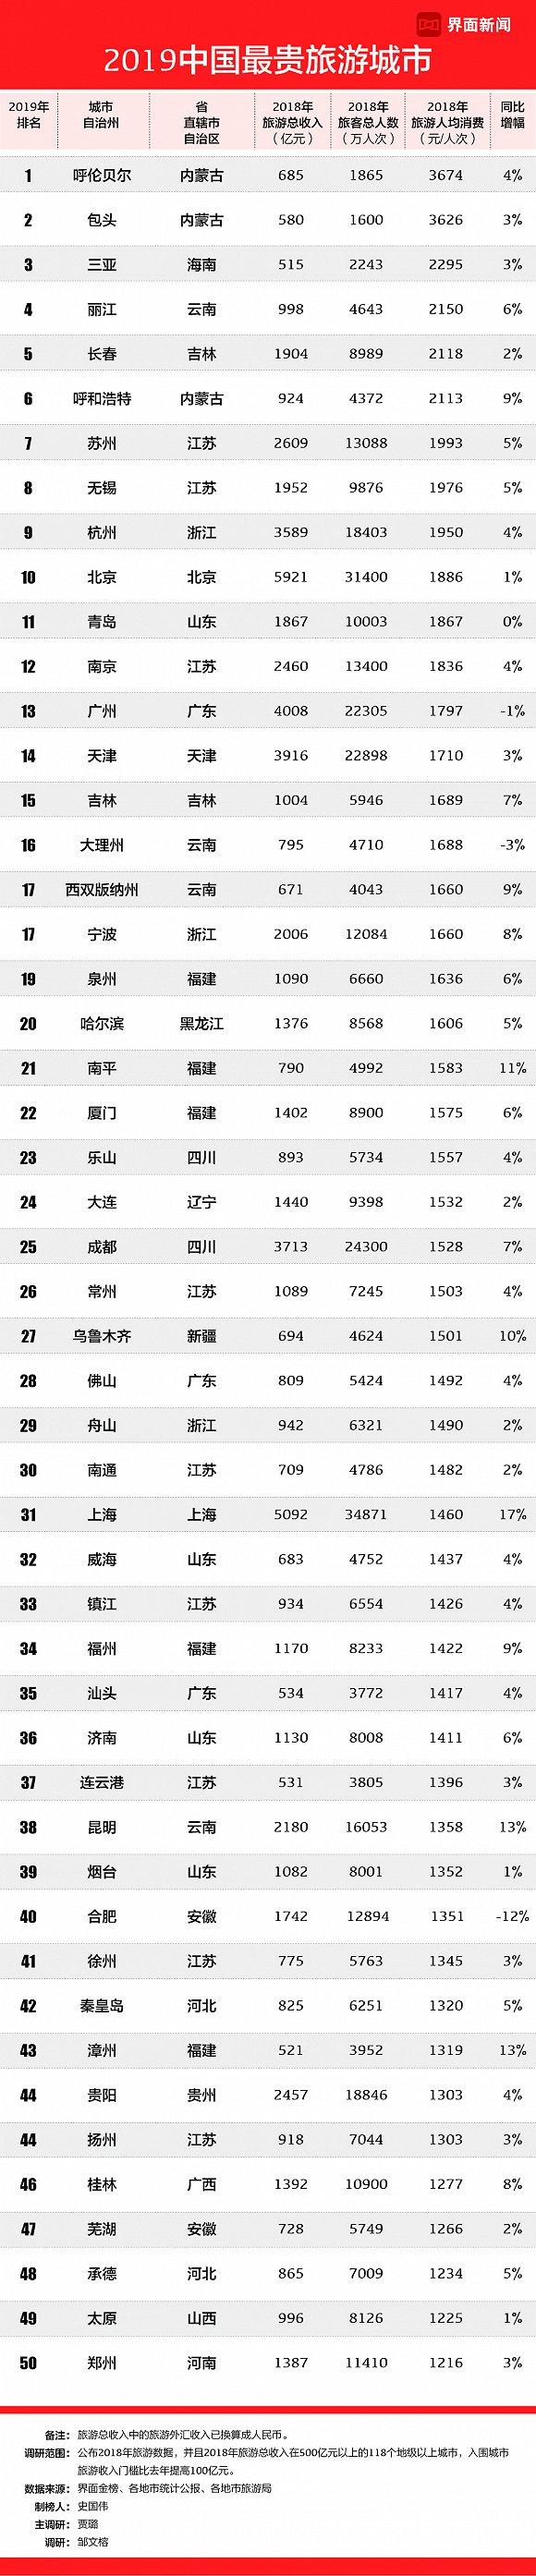 2019中国最贵旅游城市排行:呼伦贝尔连续三年第一